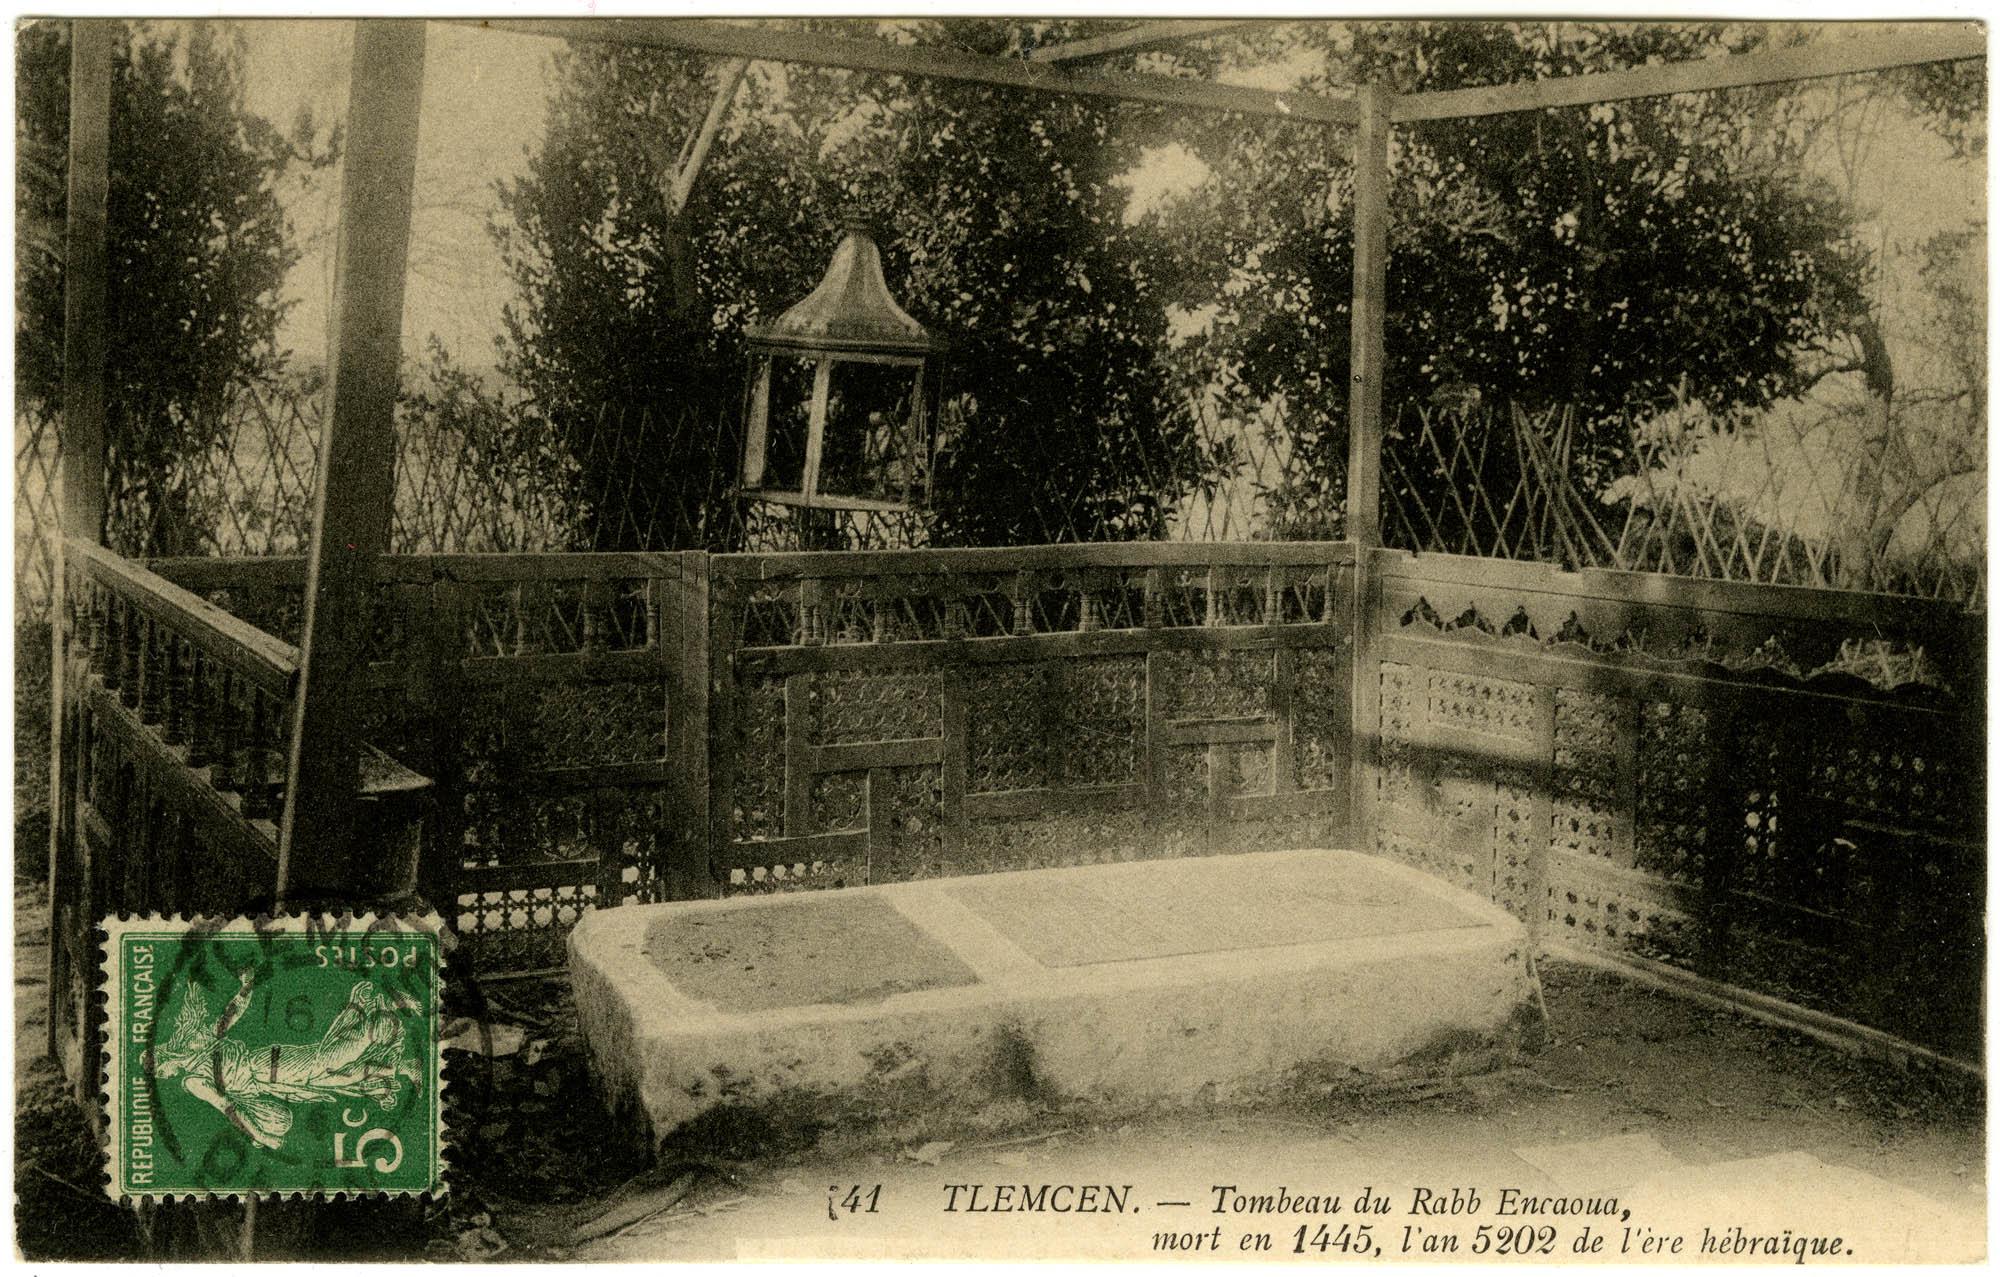 Tlemcen. - Tombeau du Rabb Encaoua, mort en 1445, l'an 5202 de l'ère hébraïque.